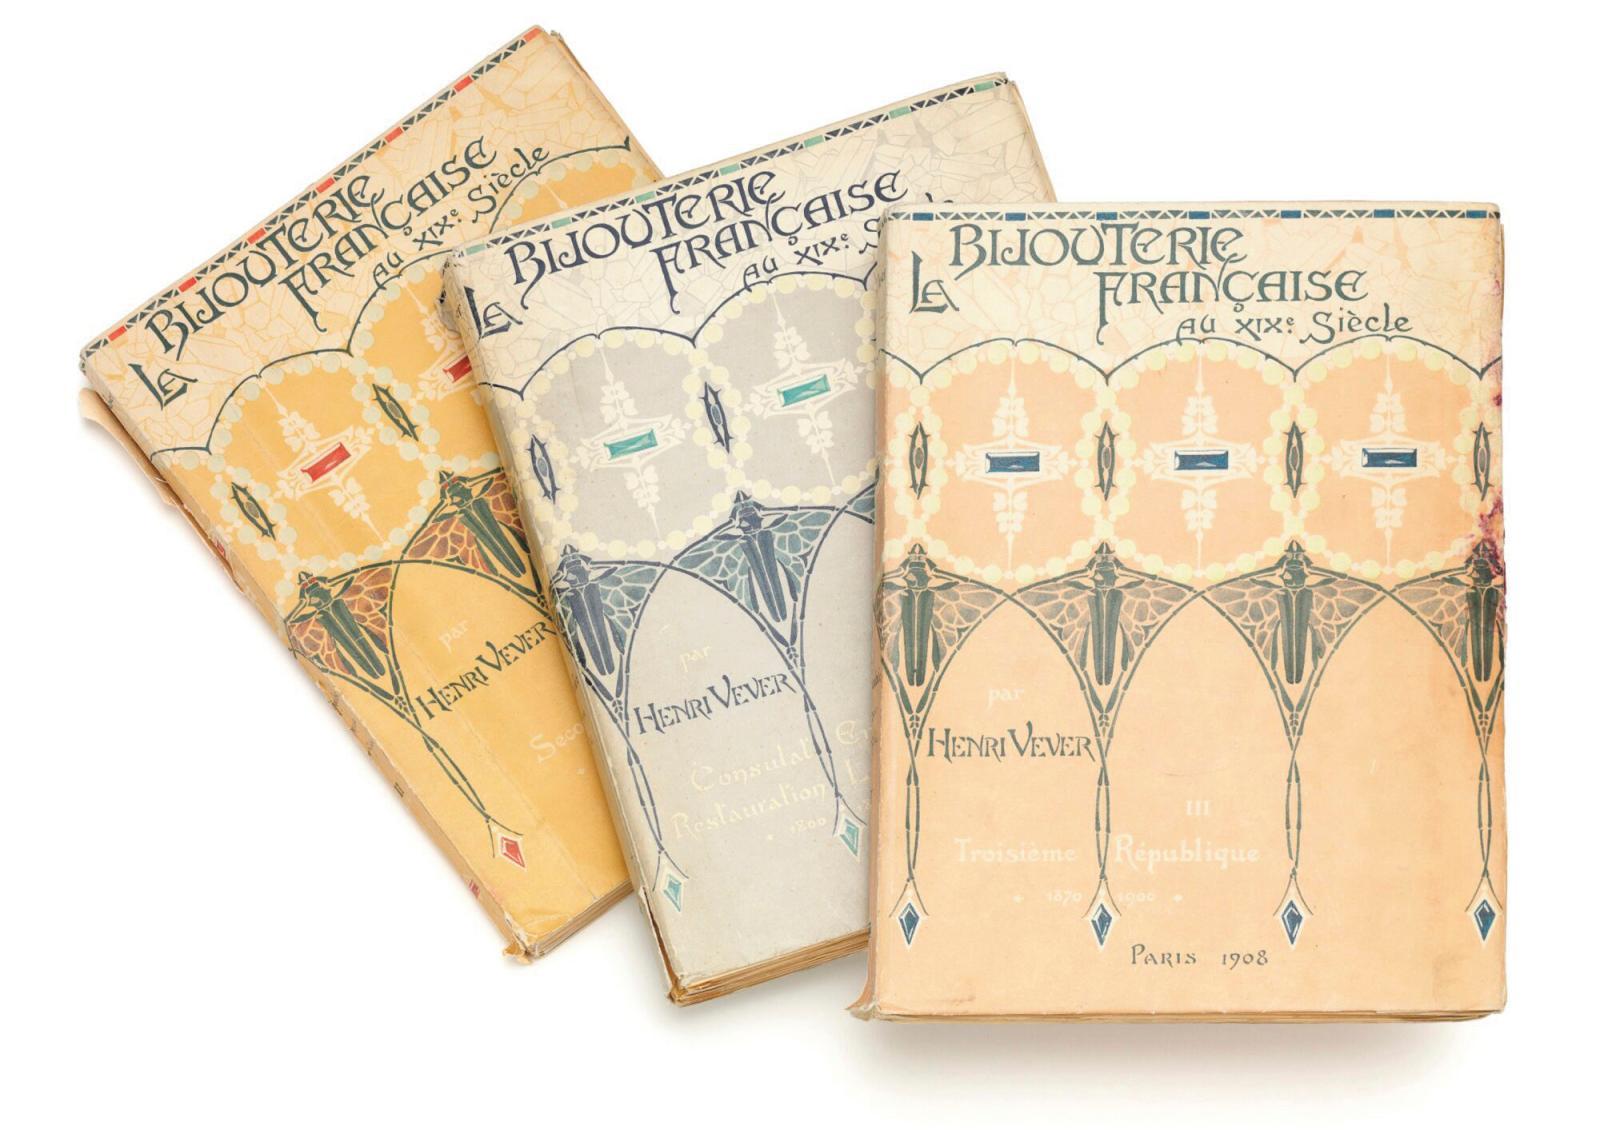 Les trois tomes de cet ouvrage majeur, publié par H. Floury, sont parus entre 1906 et 1908.DR